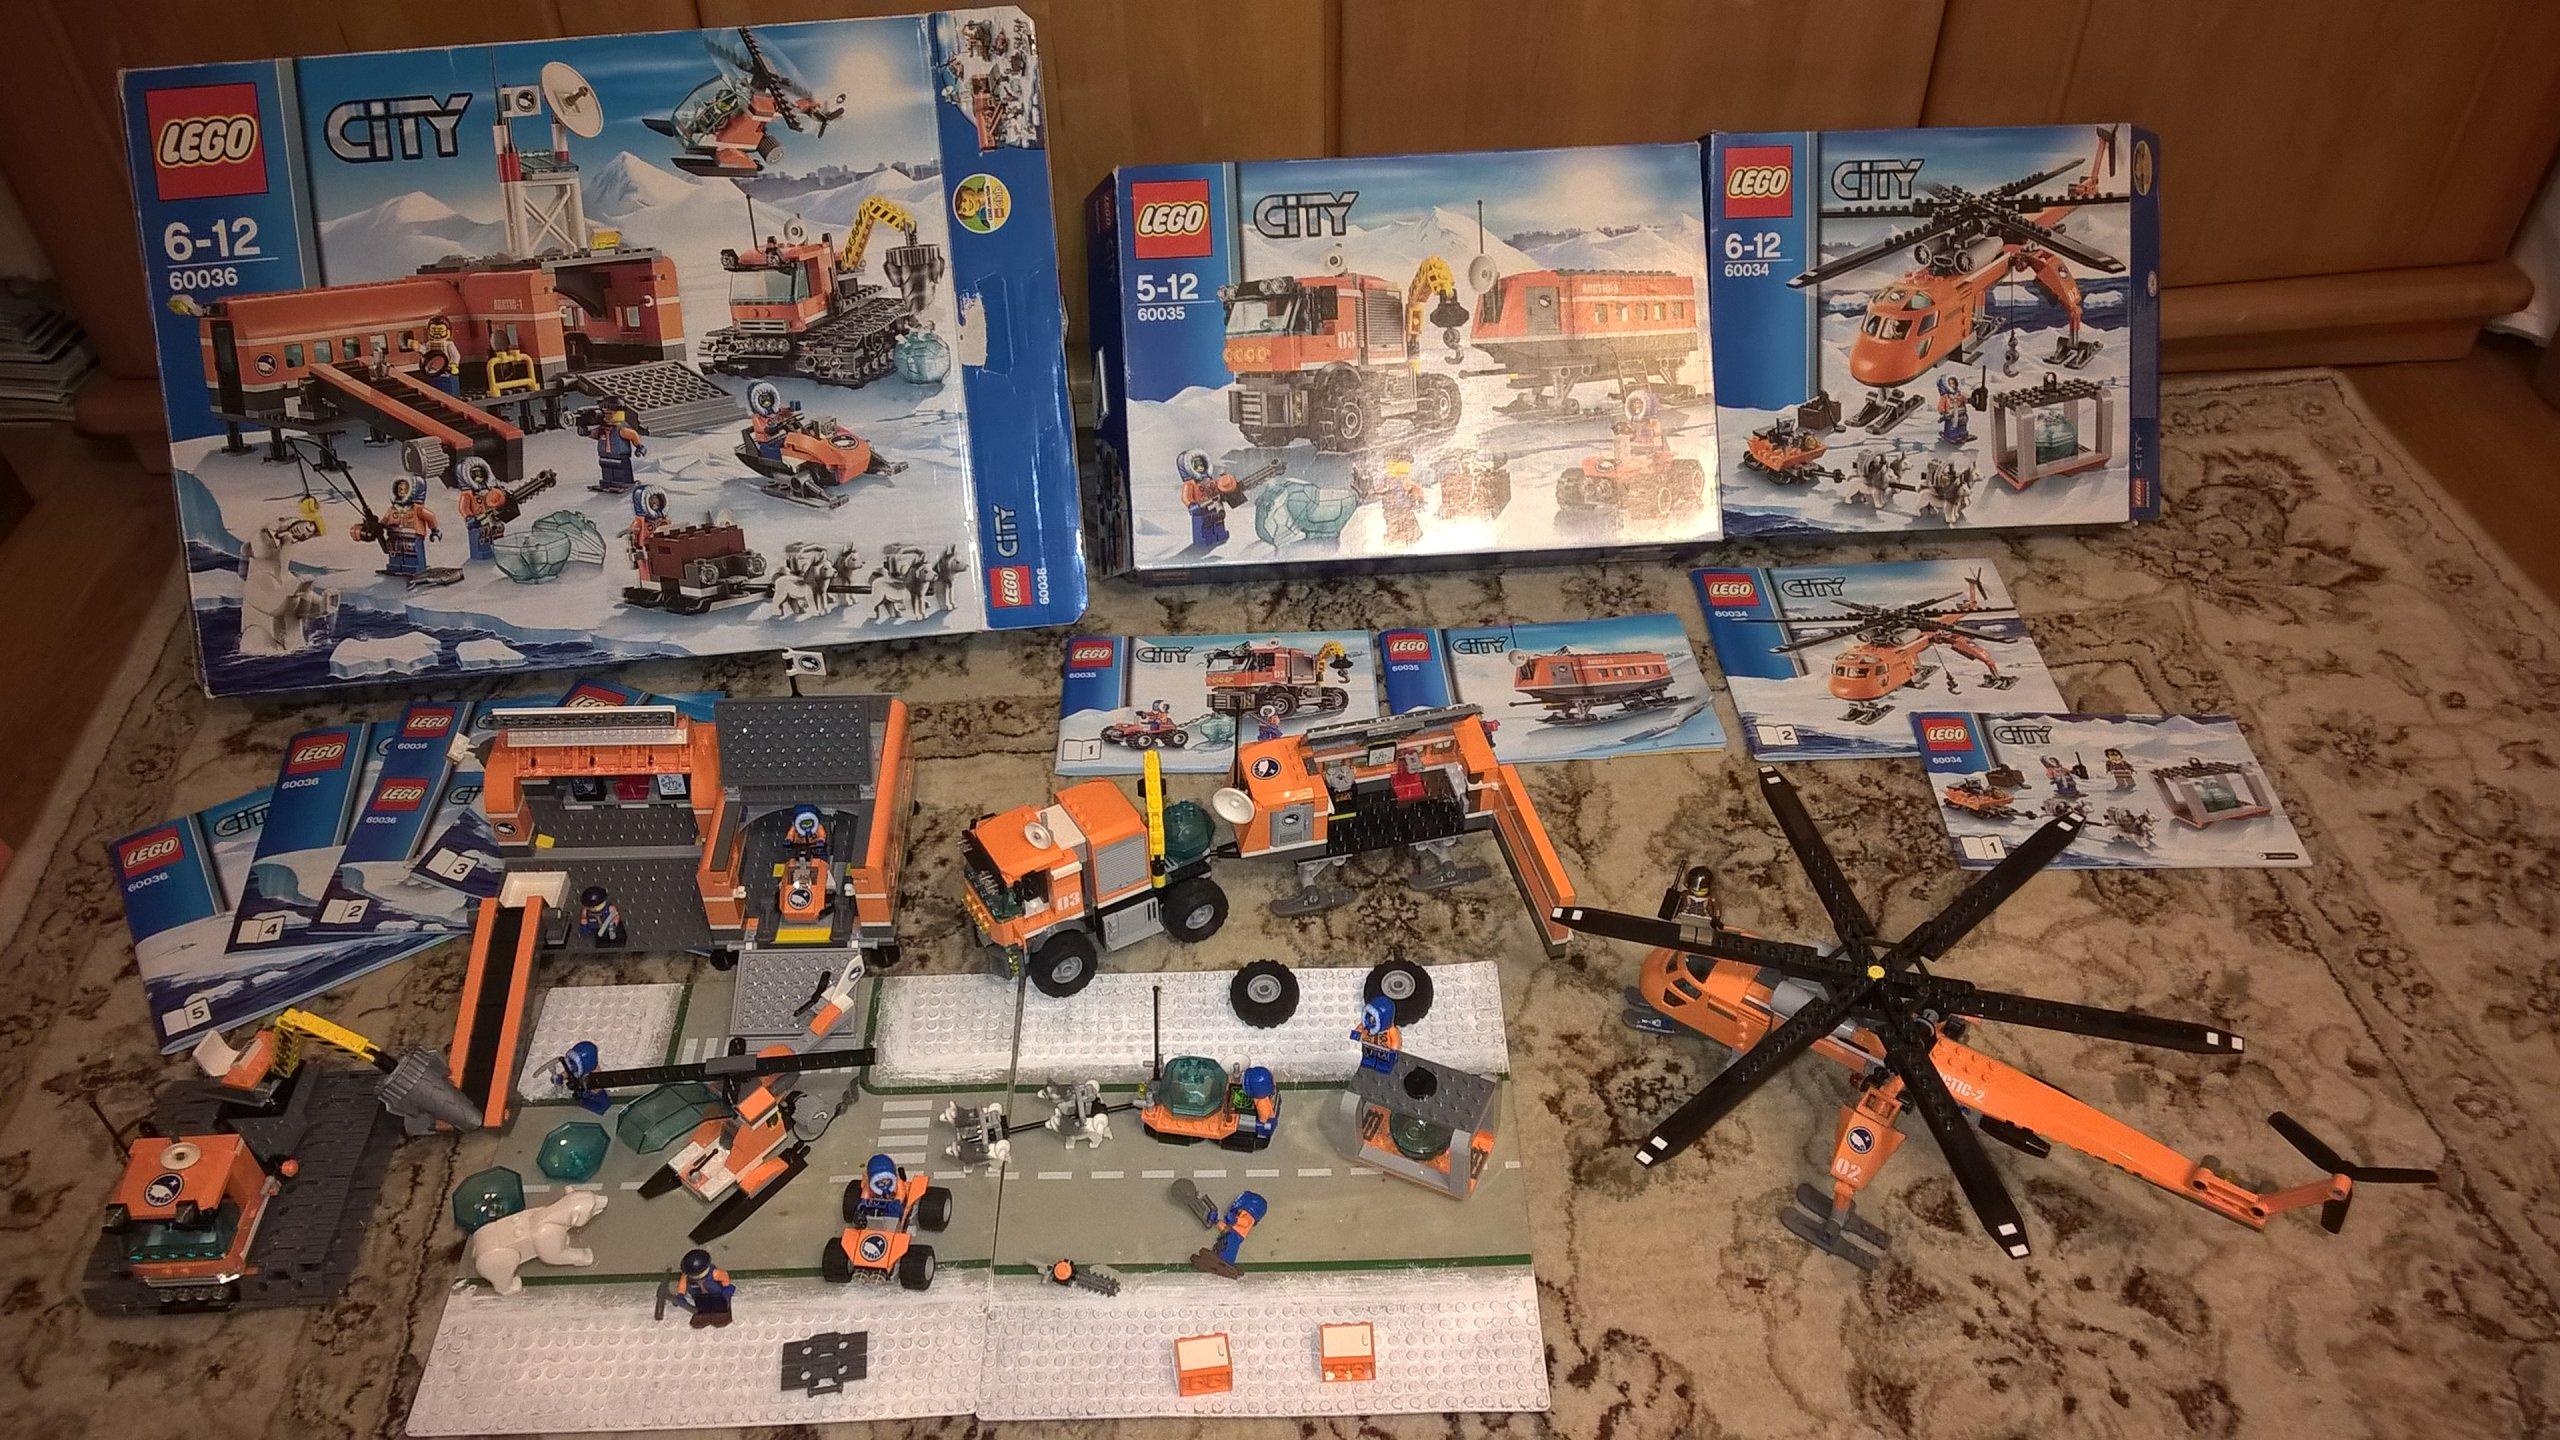 Lego Arktyka Mega Zestaw 60036 60035 60034 7180803065